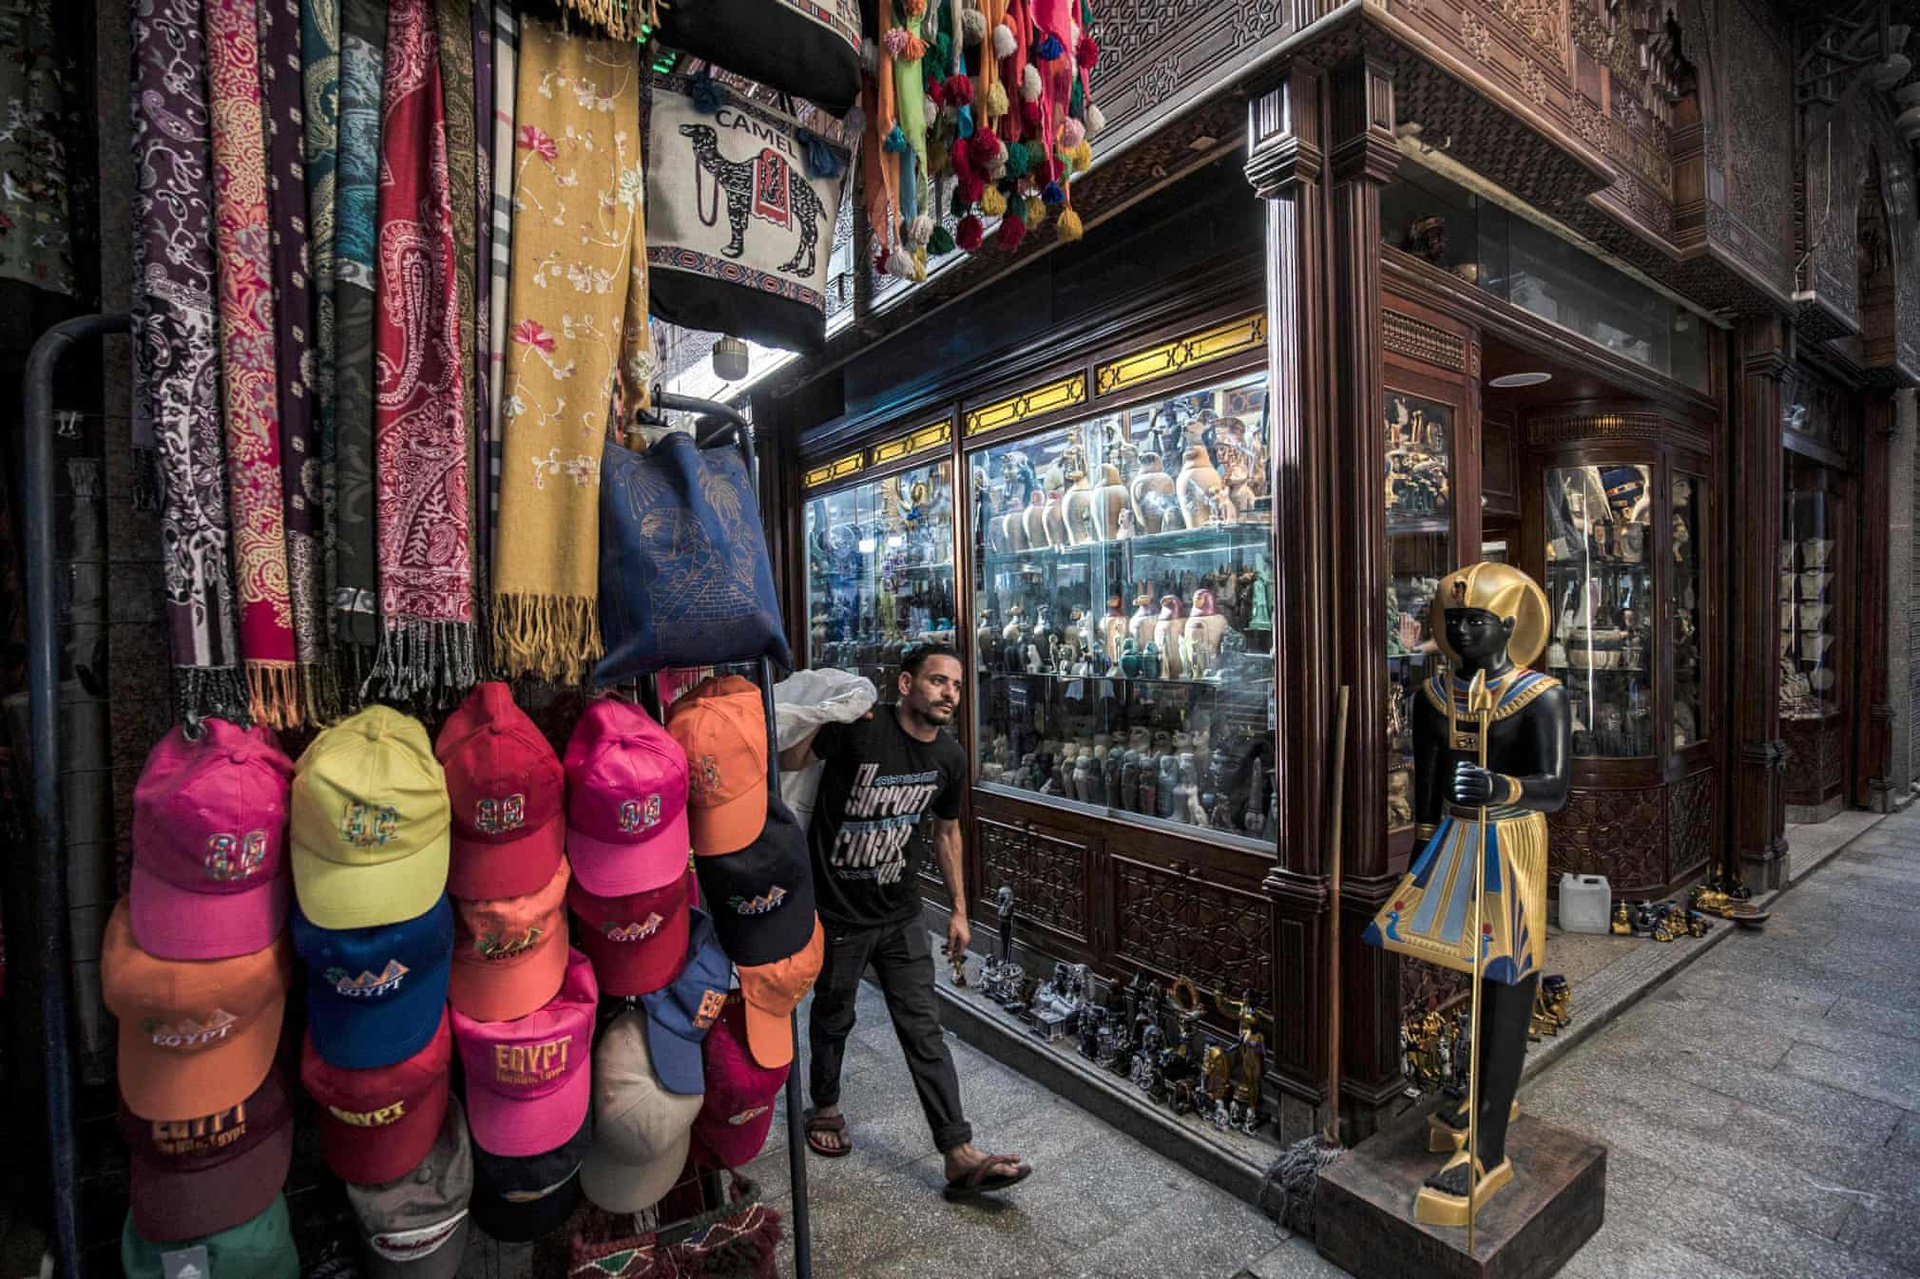 Trong ảnh là khu vực chợ bán đồ lưu niệm Khan el-Khalili ở Cairo. Chợ bày bán đa dạng vật phẩm như các bức tượng Ai Cập cổ đại, tượng nhỏ và những chiếc lọ, hàng thủ công truyền thống khác... Sau khi các chuyến bay bị hủy và hoạt động di chuyển gặp hạn chế trên khắp thế giới, hàng trăm chủ doanh nghiệp nhỏ và nghệ nhân buộc phải đóng băng hoạt động kinh doanh của họ.